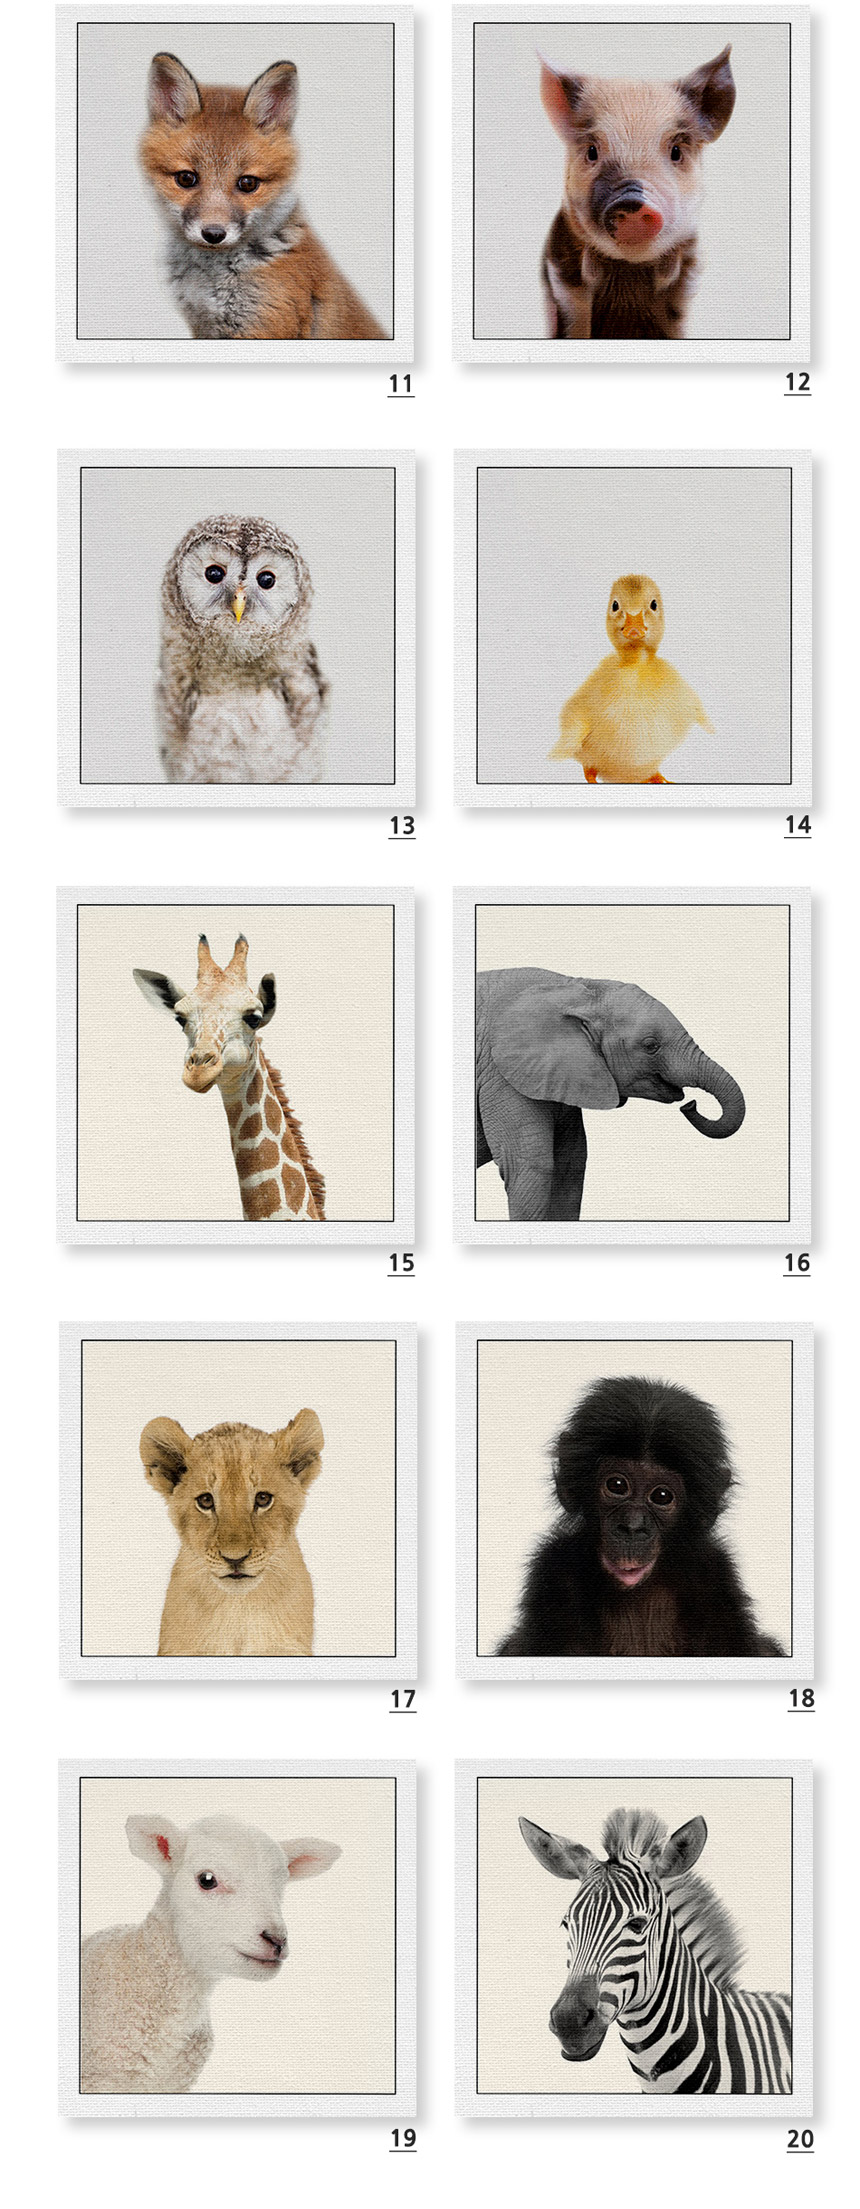 바인 아기동물 인테리어액자 35x35 20종 - 샤이닝홈, 23,900원, 액자, 벽걸이액자